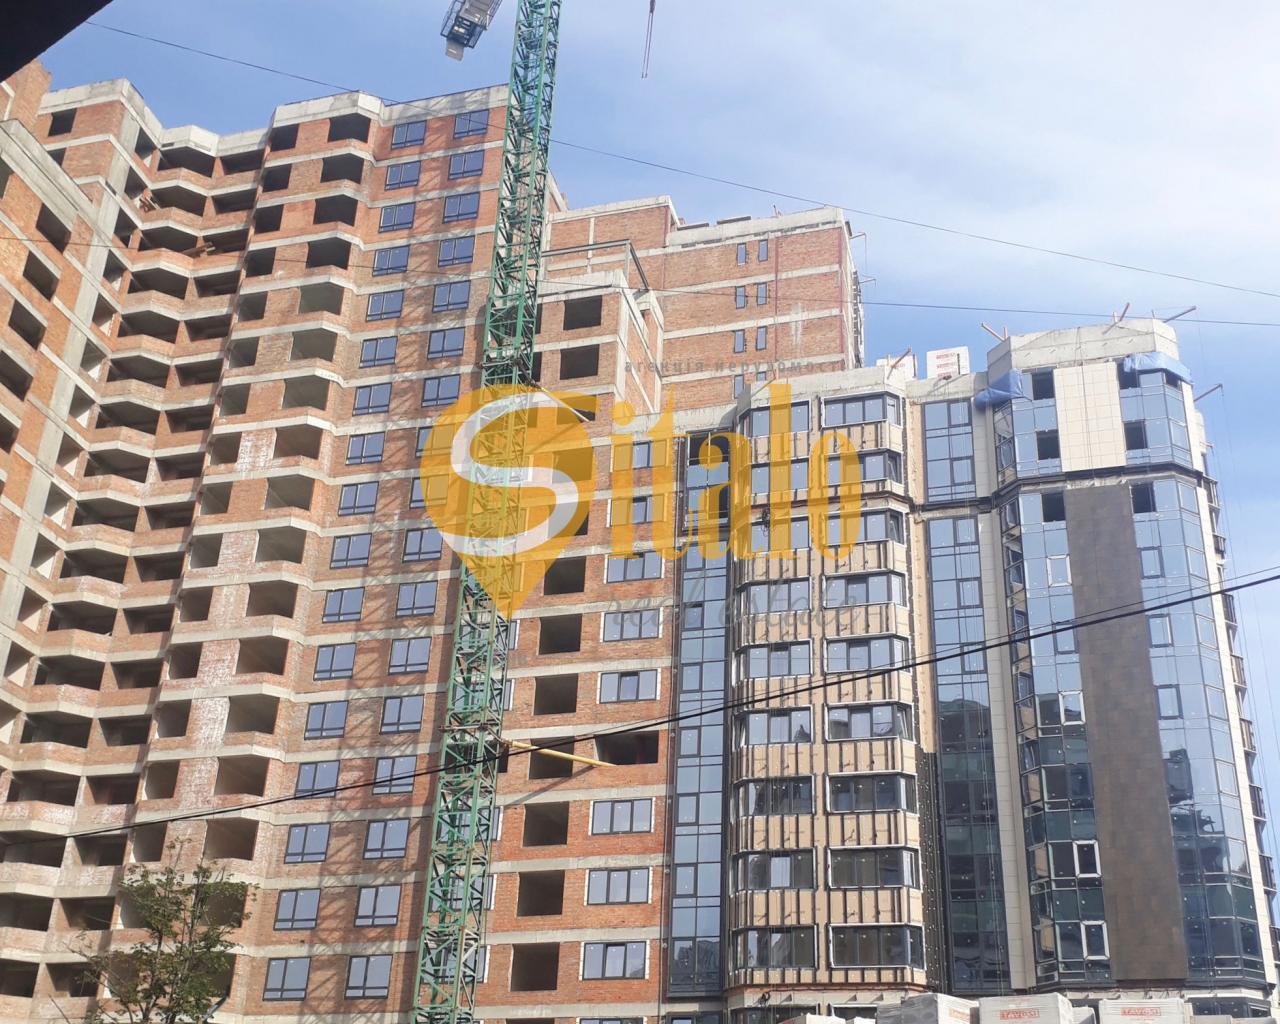 1-pokojowe mieszkanie sprzedam  Kijów